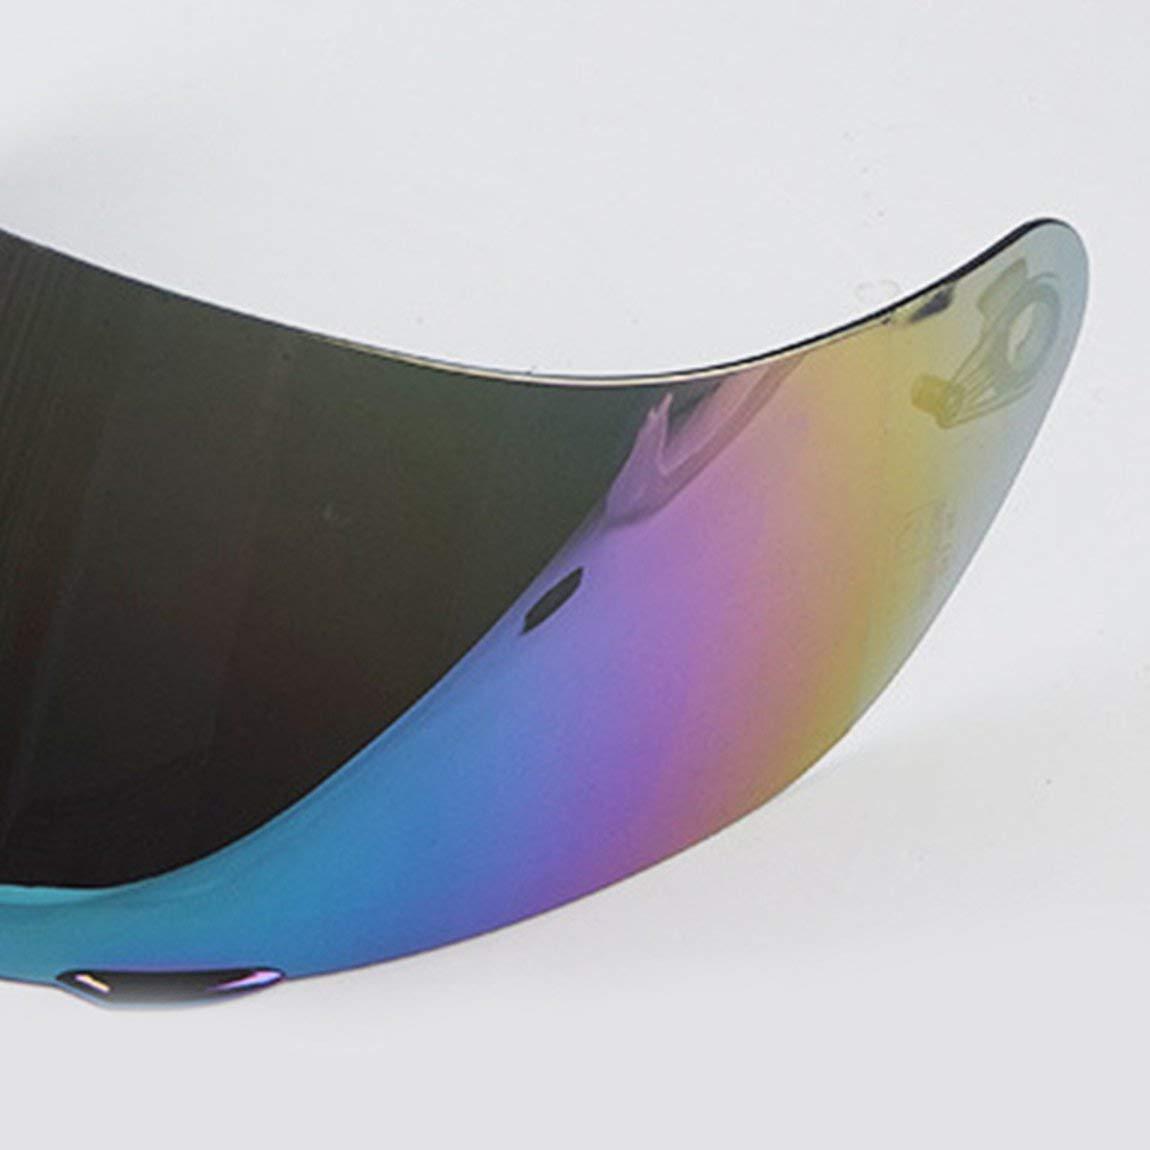 Couleur: Argent Casque Visi/ère Visi/ère int/égrale de Remplacement pour Objectif de Moto Con/çu pour Le Casque 902 AGV K3 SV K5 K1